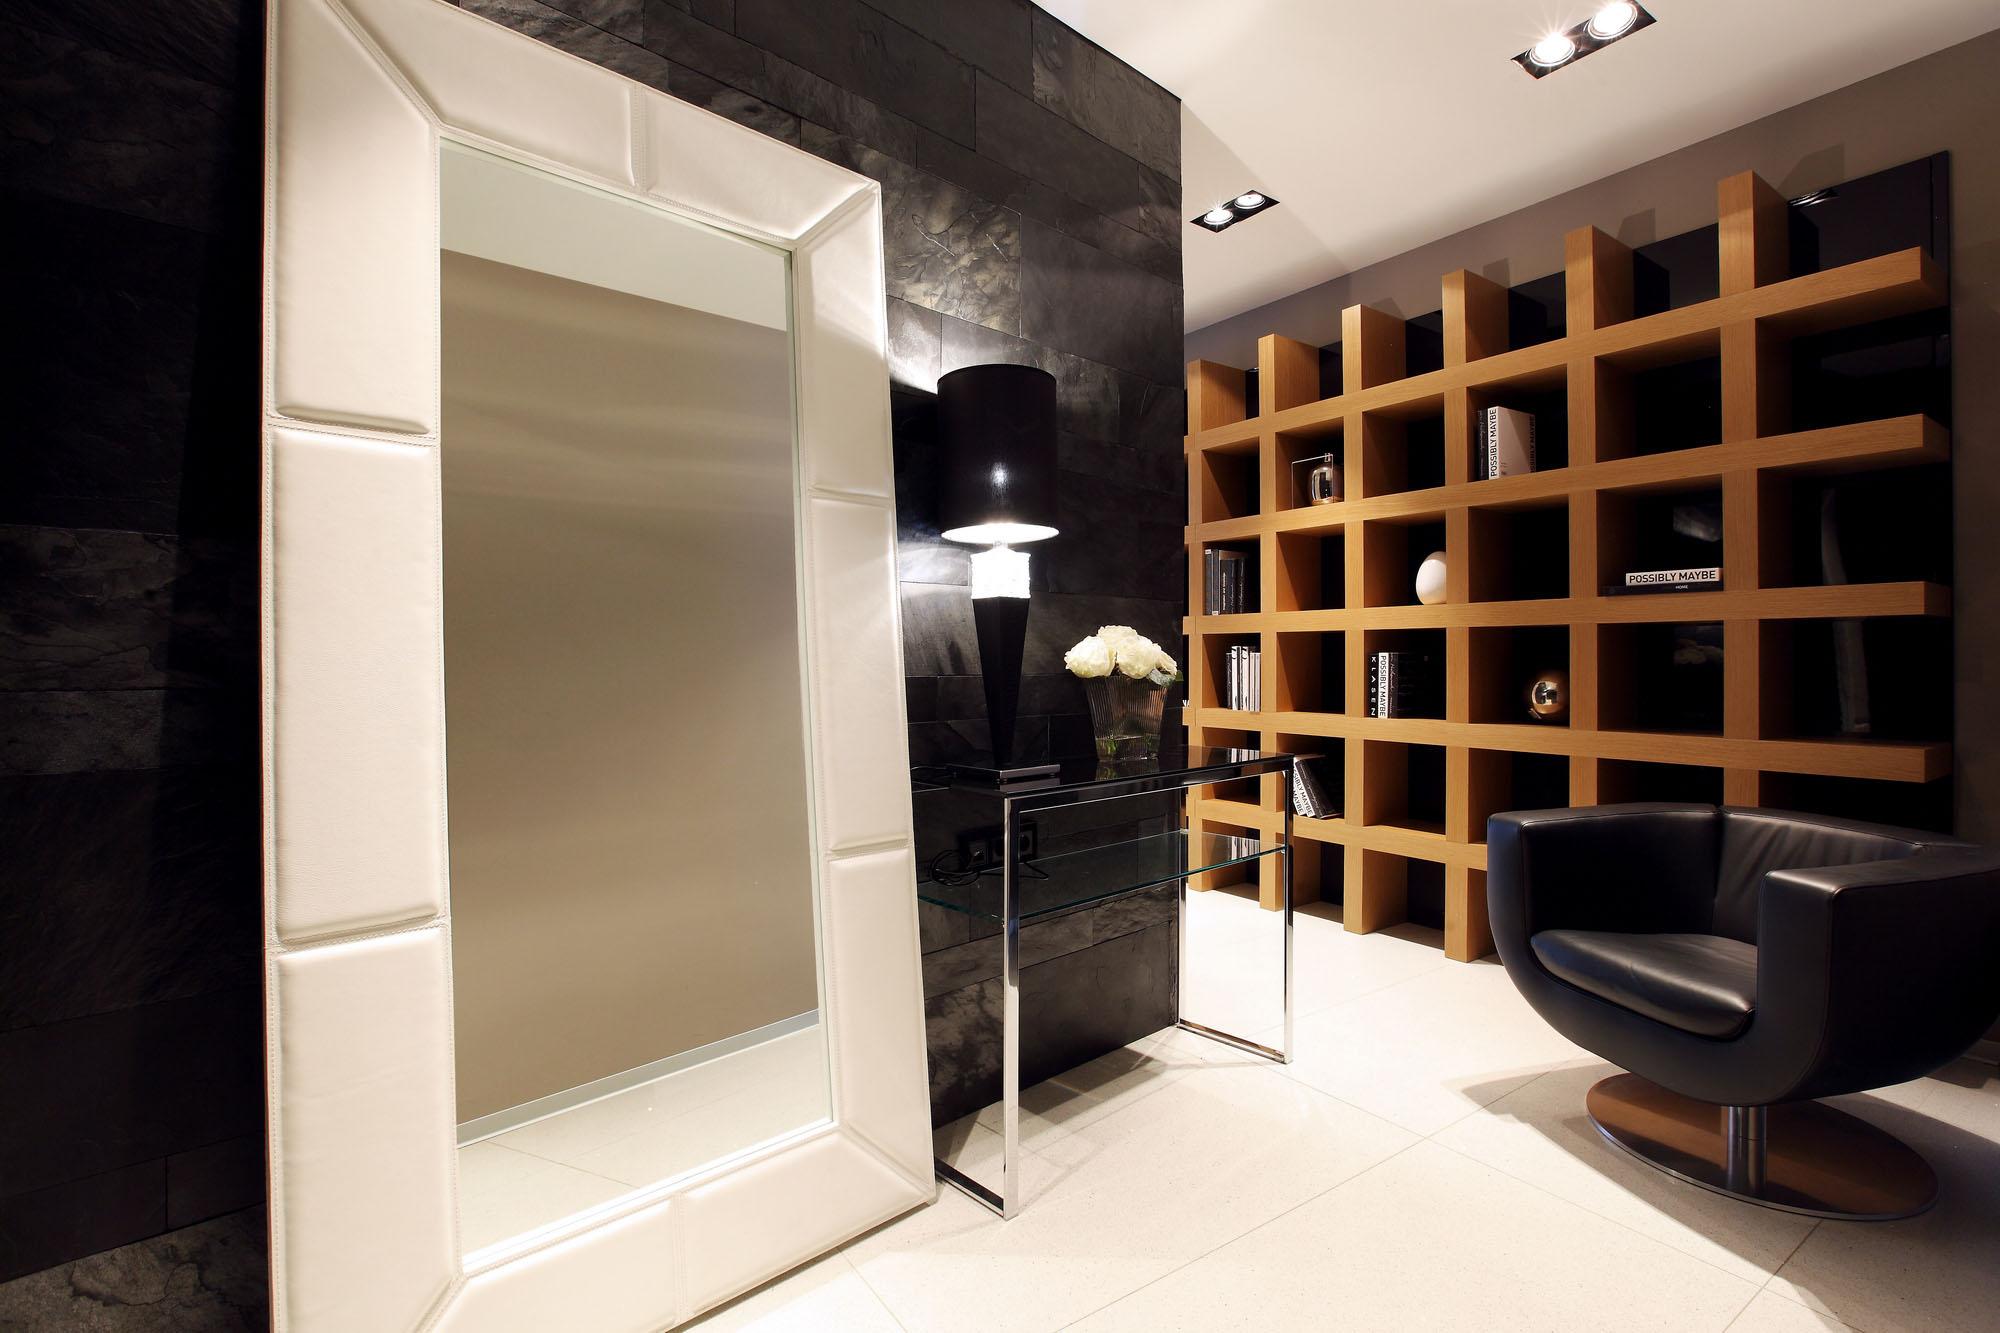 Открытые полки в интерьере просторной комнаты